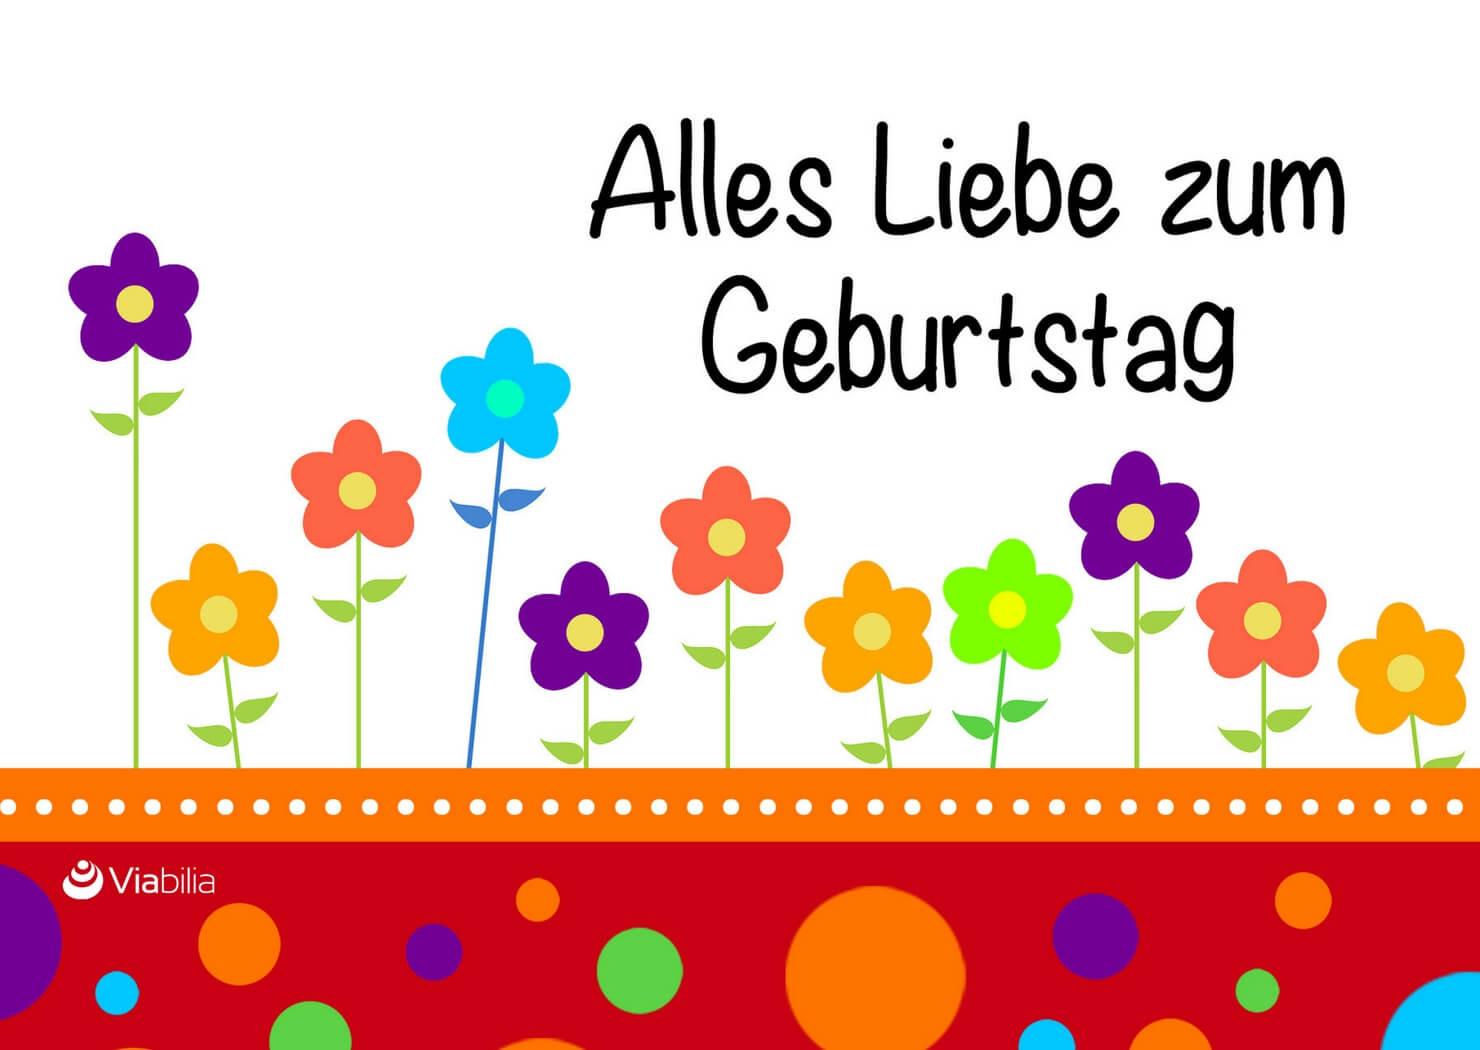 Geburtstagskarten Kostenlos Zum Ausdrucken  Geburtstagskarten kostenlos als PDF ausdrucken